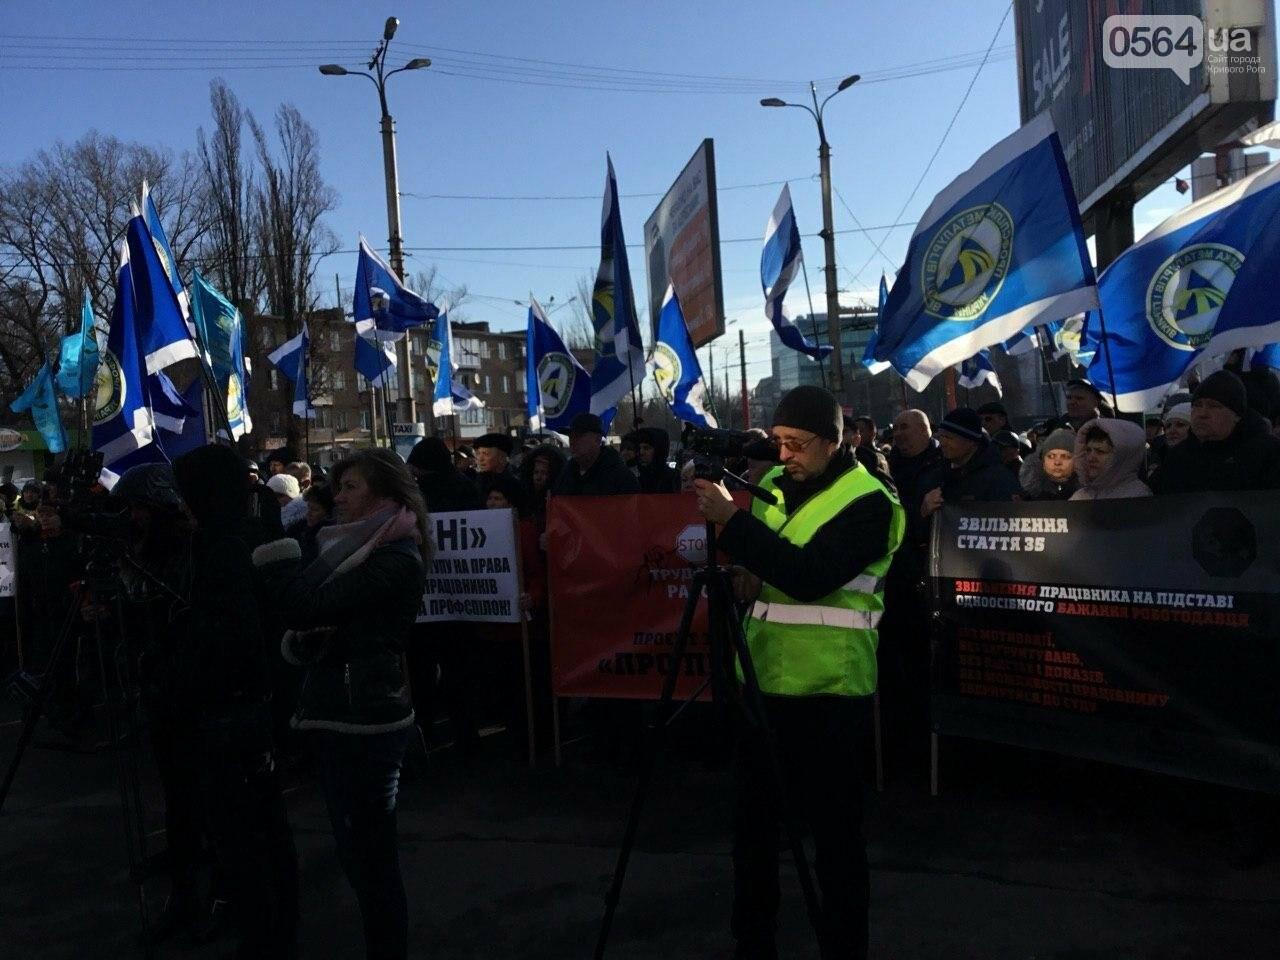 В Кривом Роге протестуют против принятия Радой нового трудового законодательства, - ФОТО, ВИДЕО, фото-17